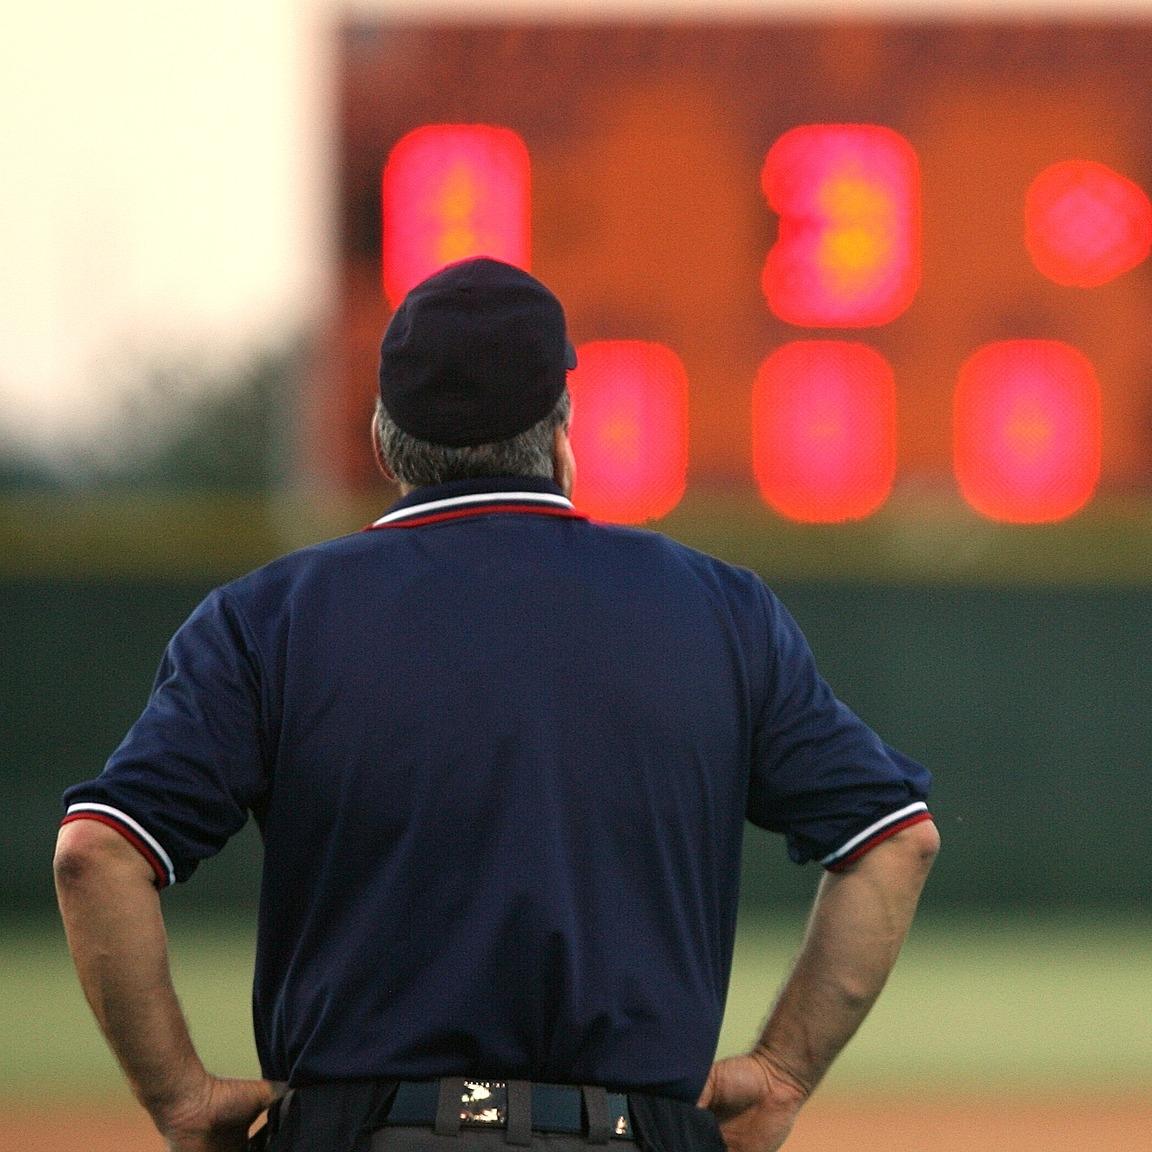 umpire-1599593_1920.jpg